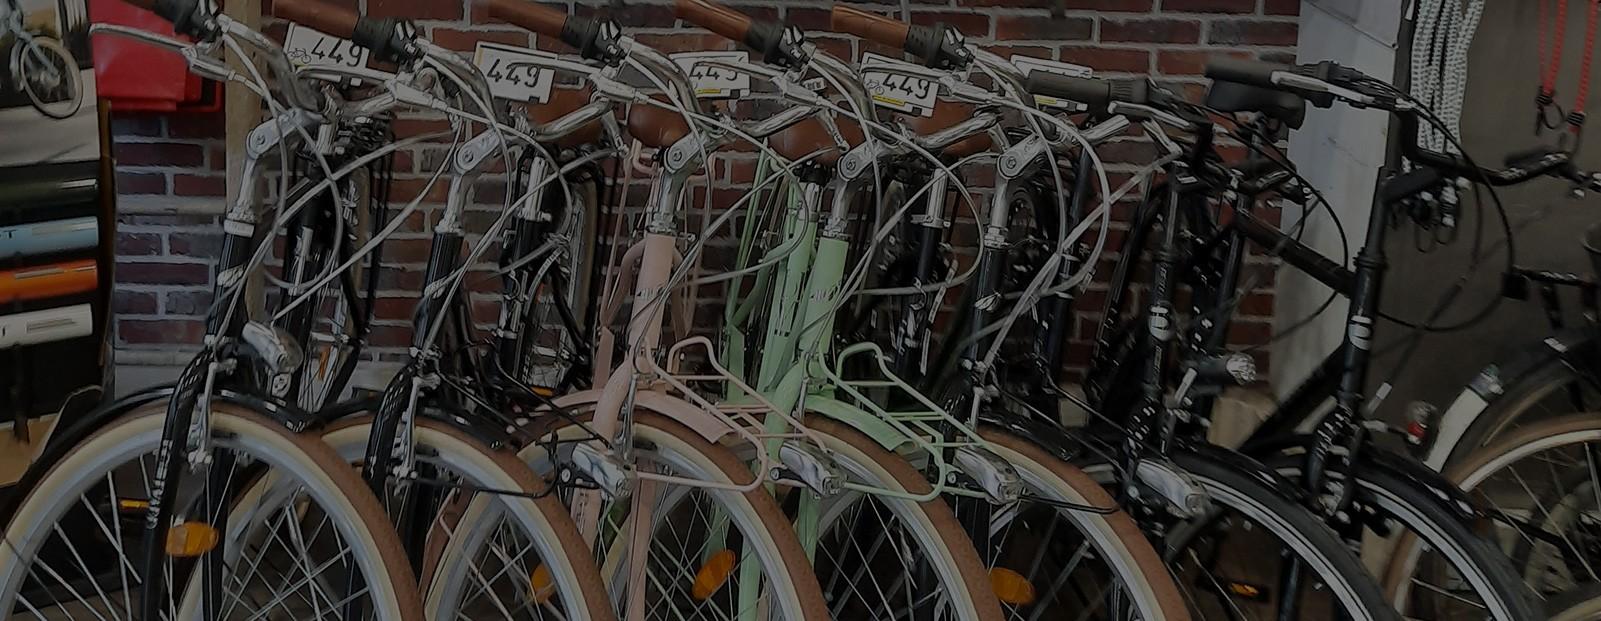 Arrivage de vélos de ville neufs Peugeot LC01 D7 et MBM Boulevard